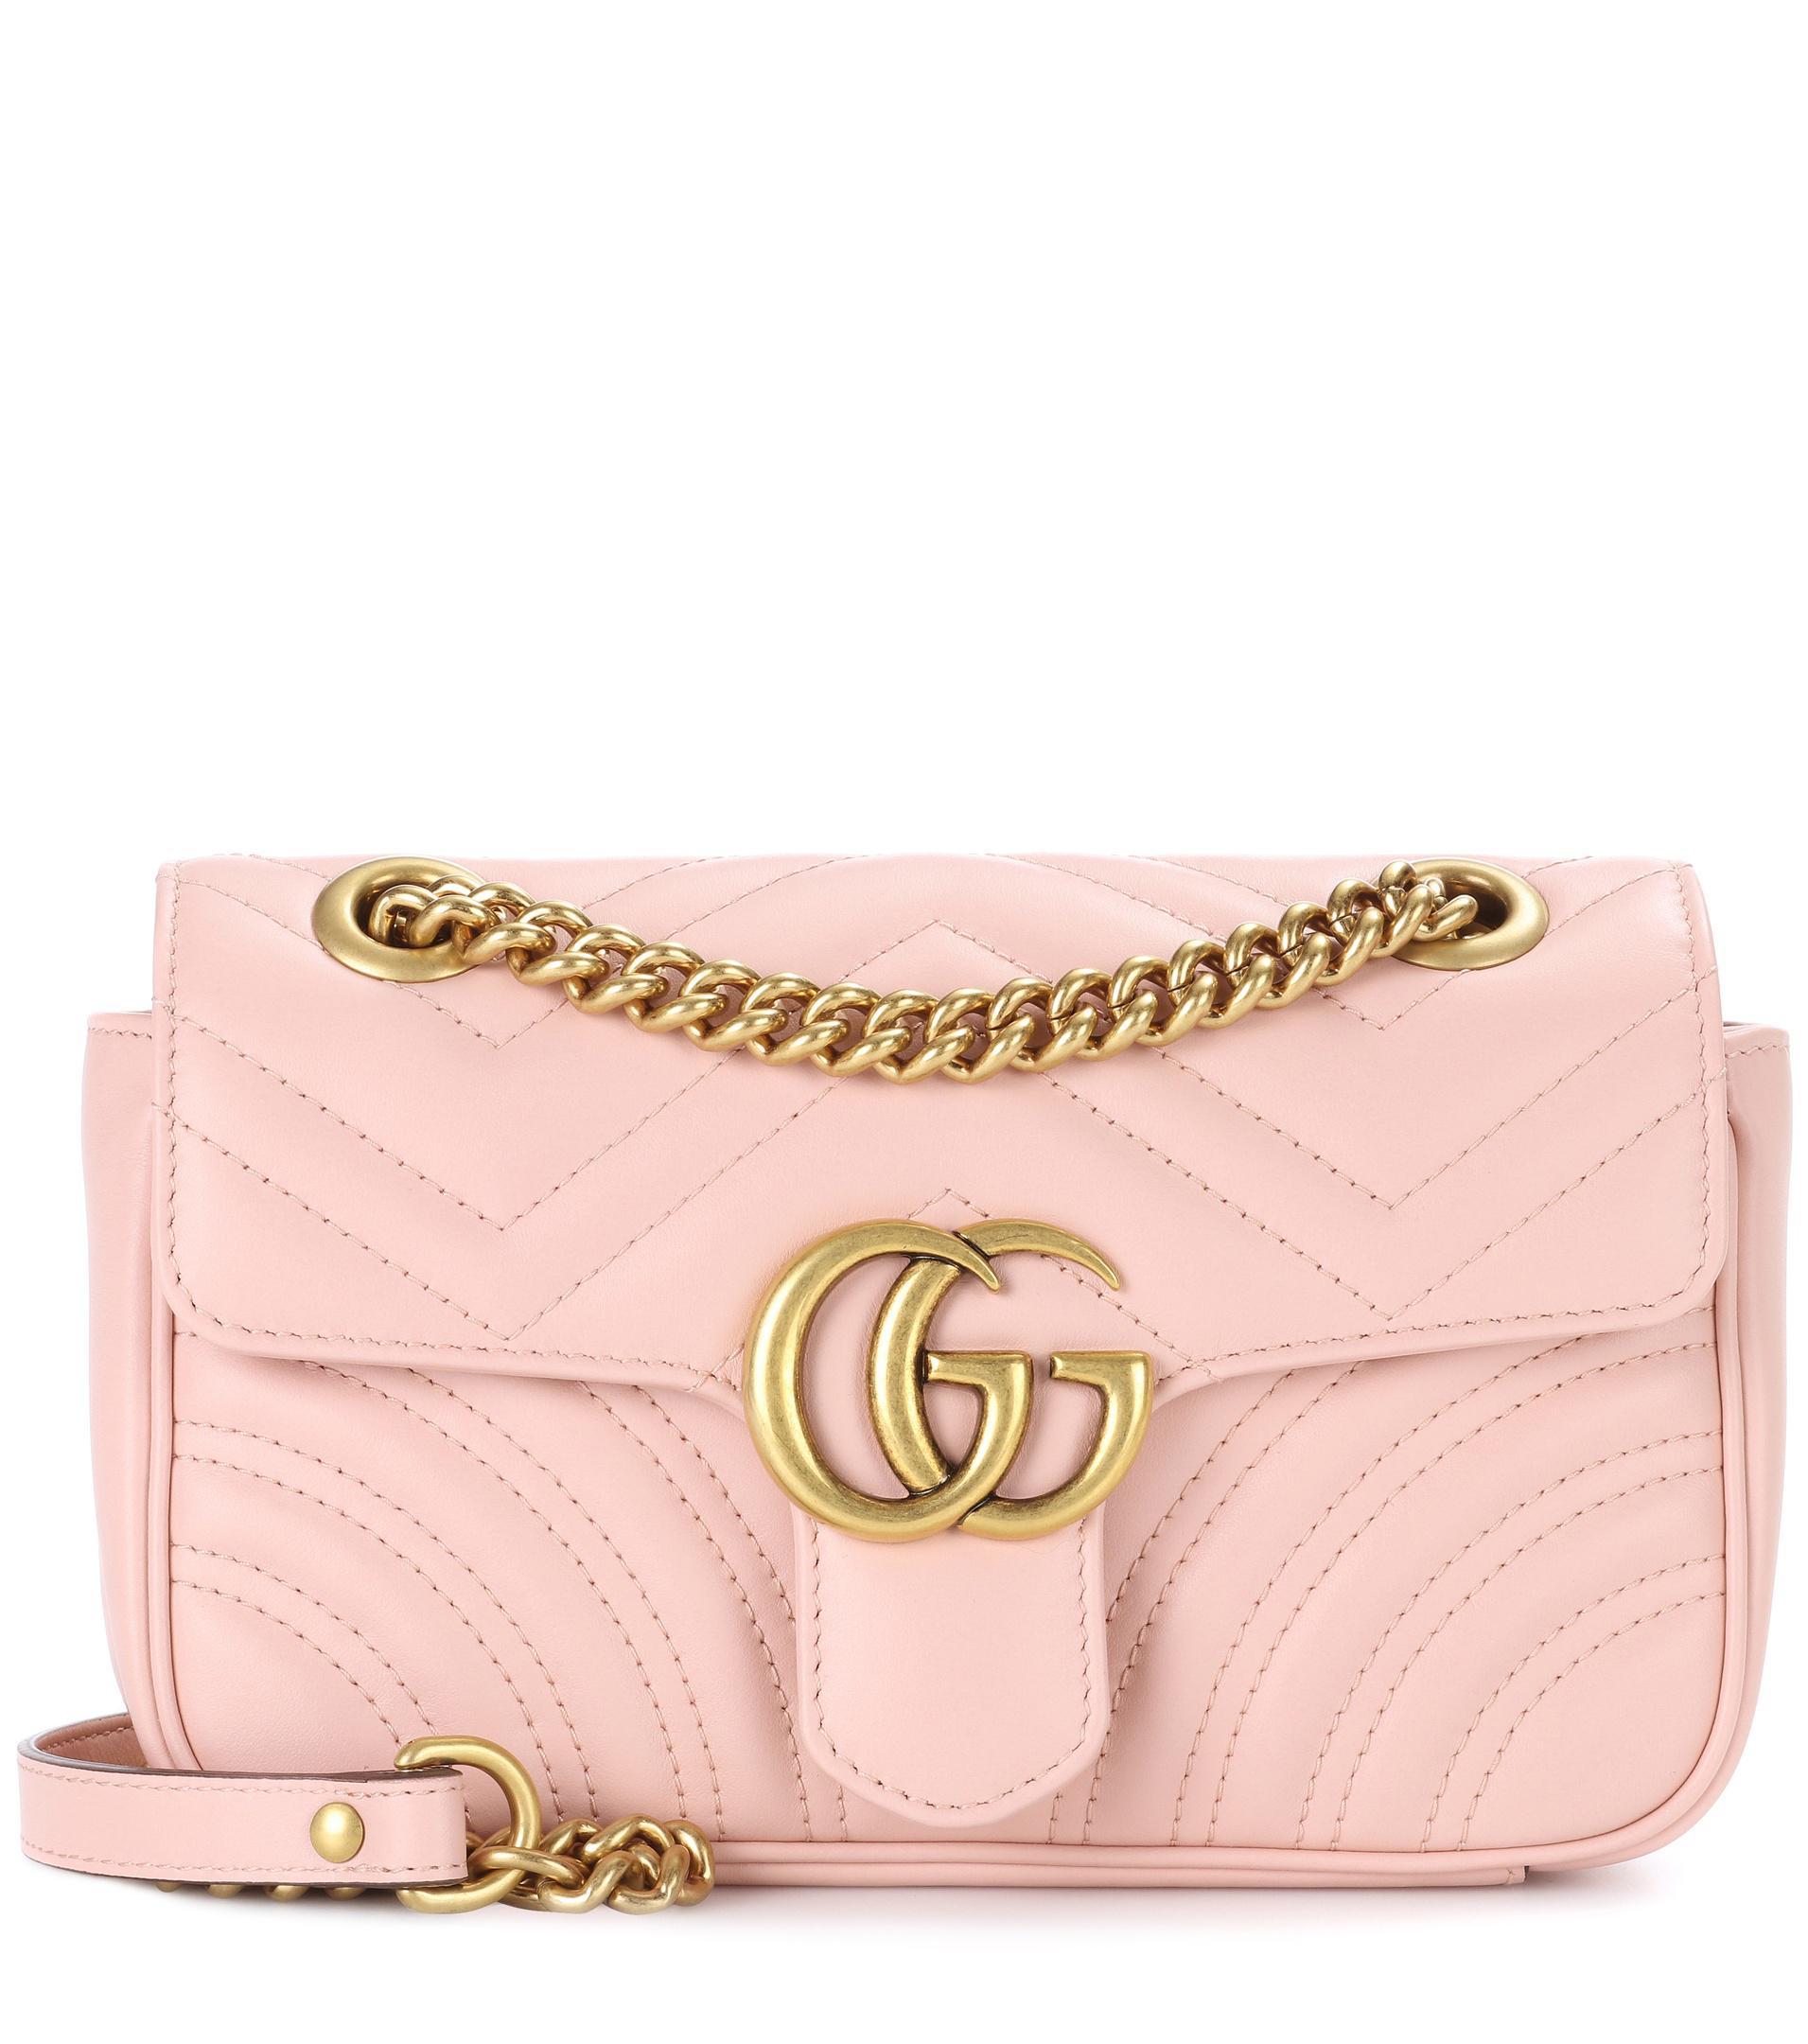 nouveau produit cf4e1 5ed65 Sac en cuir matelassé GG Marmont Mini femme de coloris rose